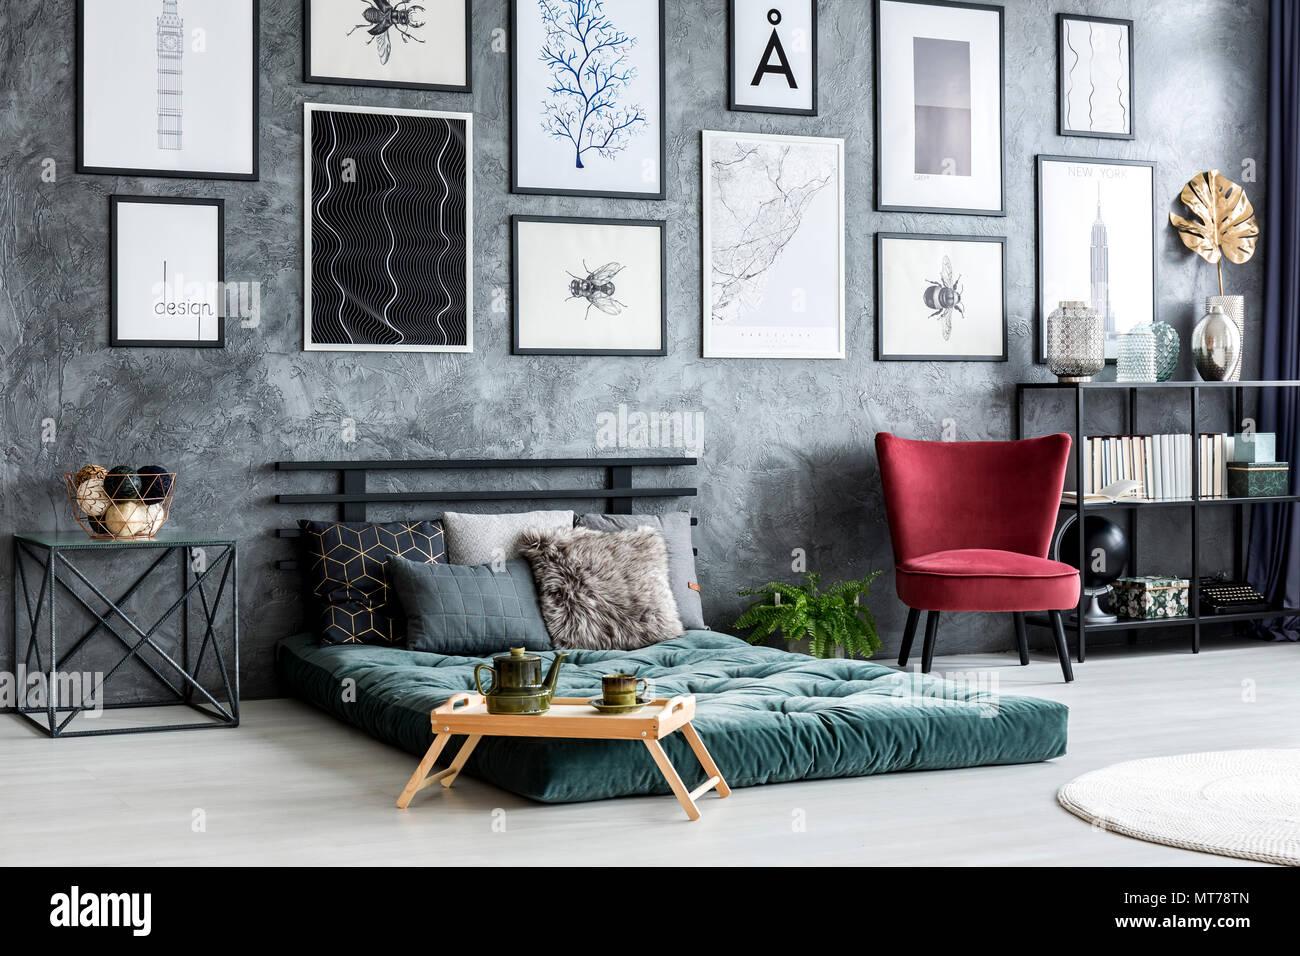 Fantastisch Grüne Futon Zwischen Roten Sessel Und Tisch In Farbenfrohe Schlafzimmer  Innenraum Mit Galerie Auf Graue Wand